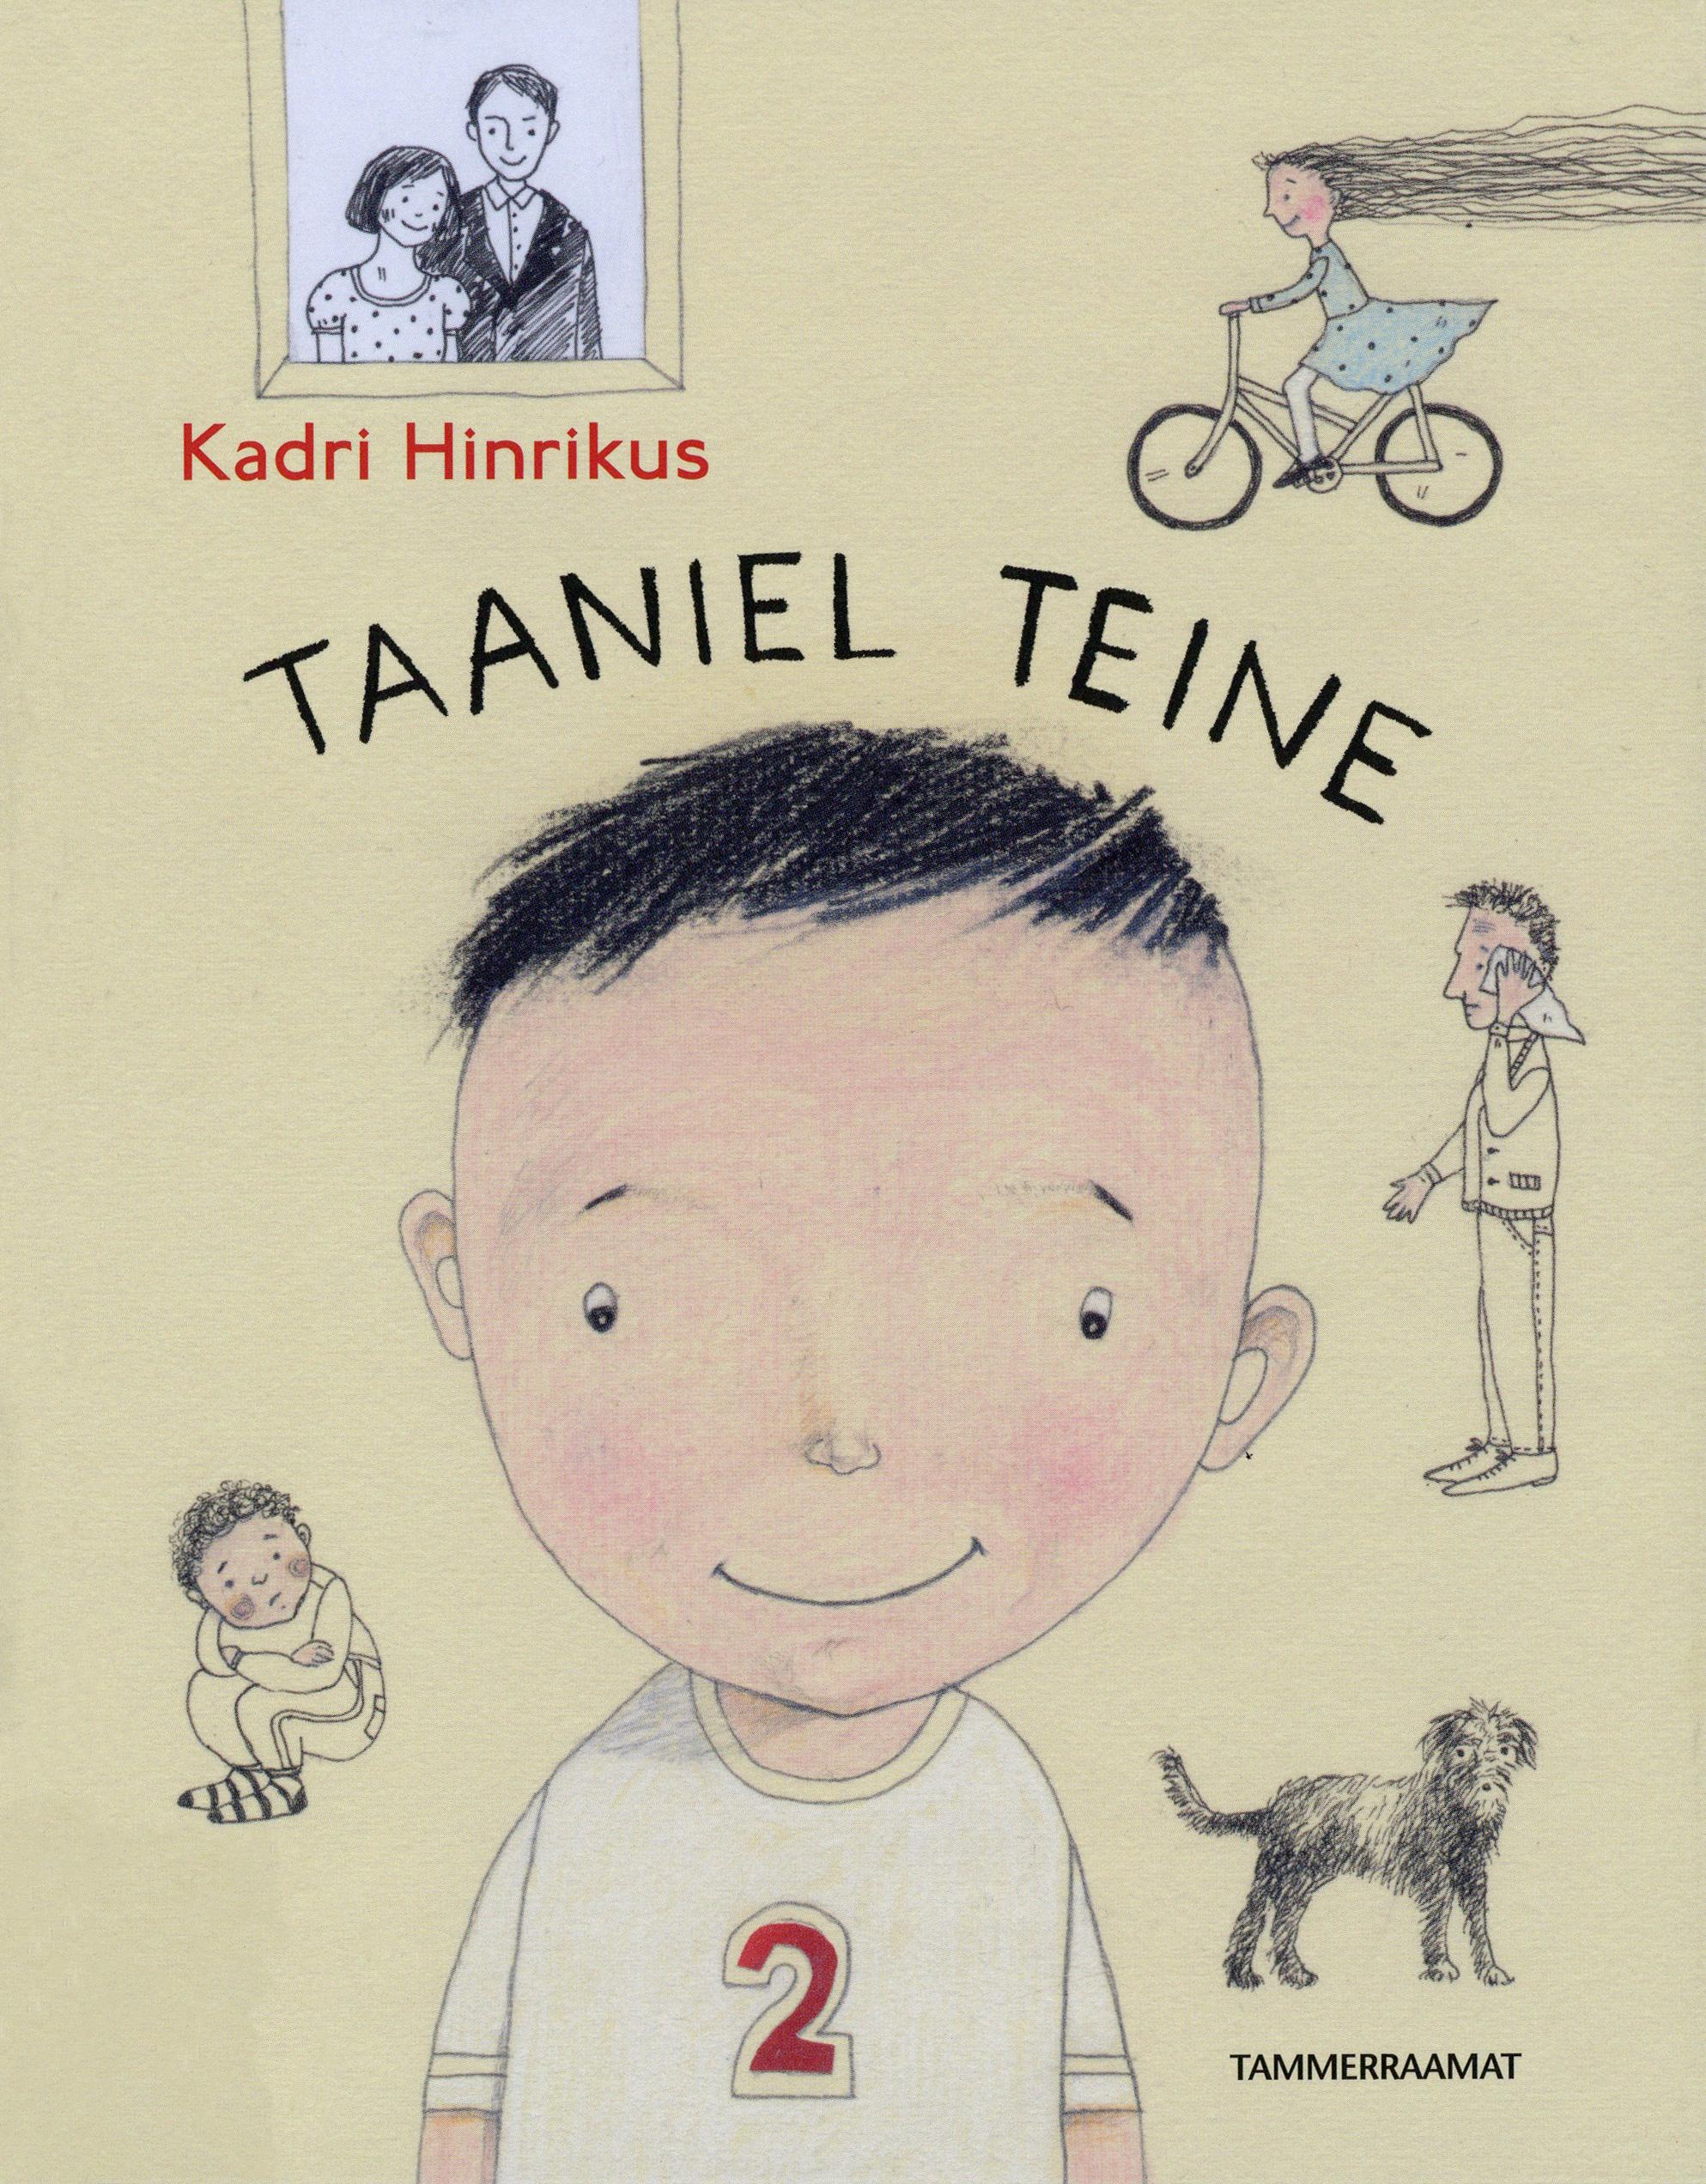 Taaniel Teine Book Cover